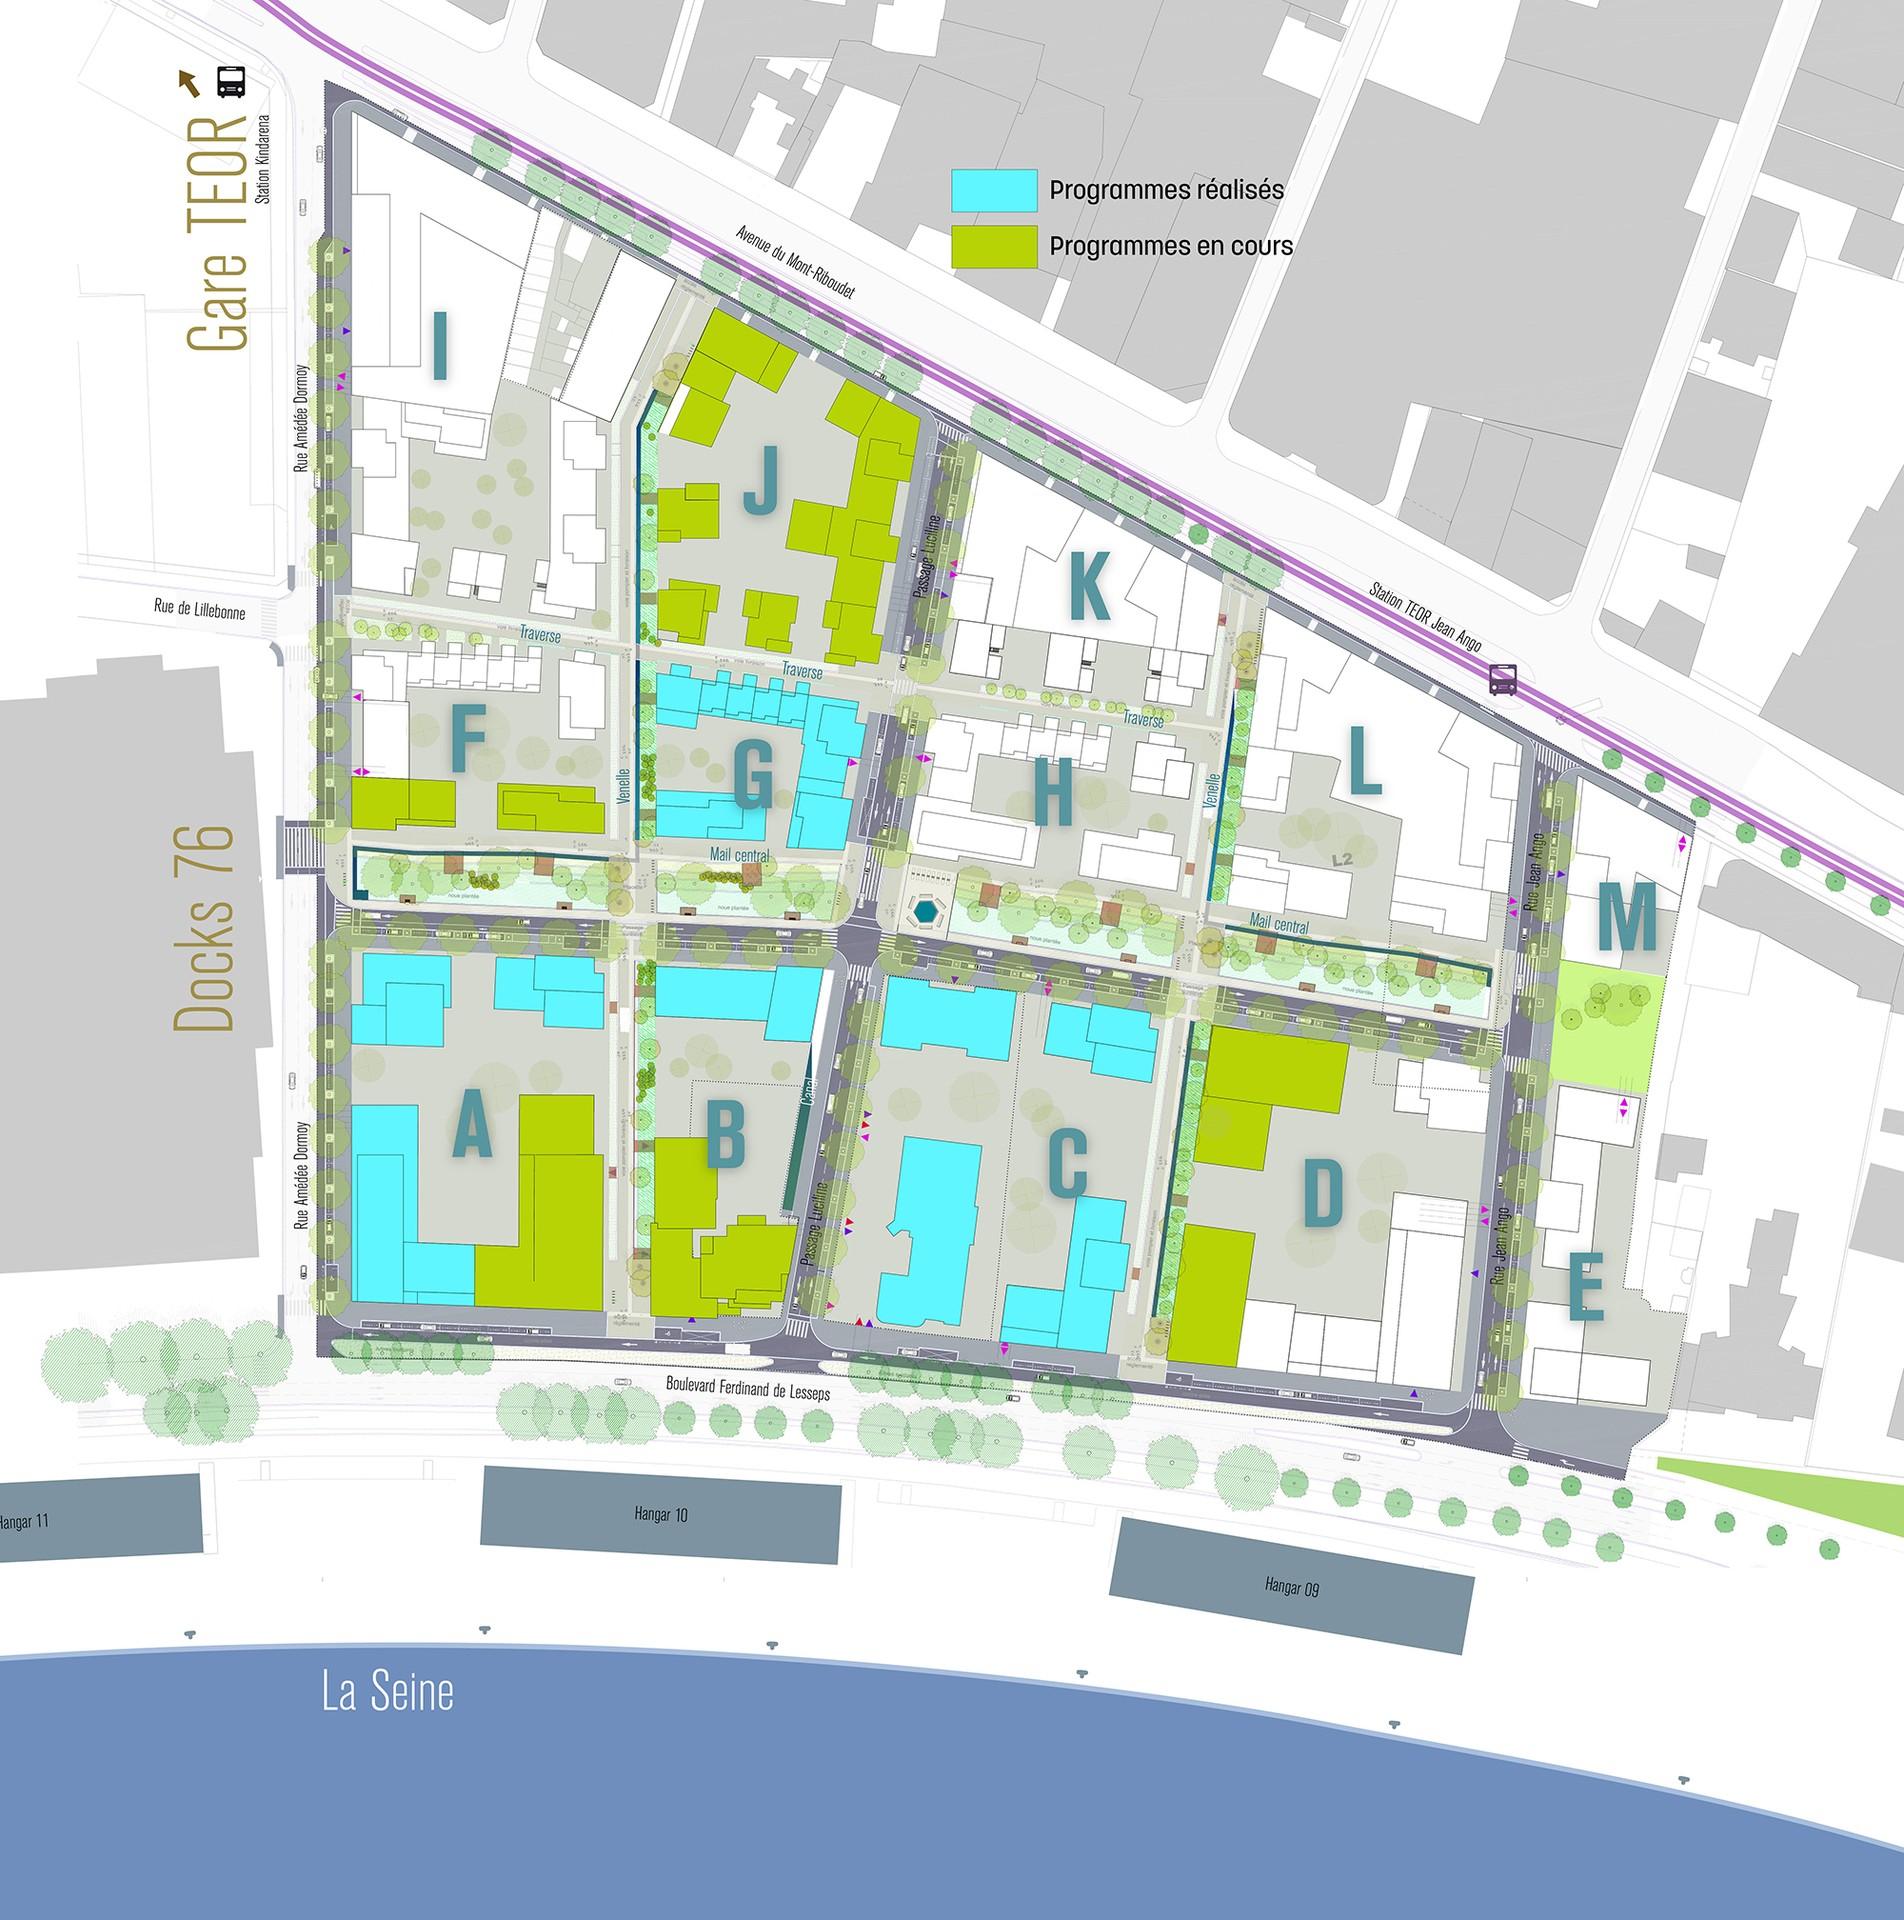 Les 4 Pieds Rouen logements et surfaces d'activites au pieds du pont flaubert